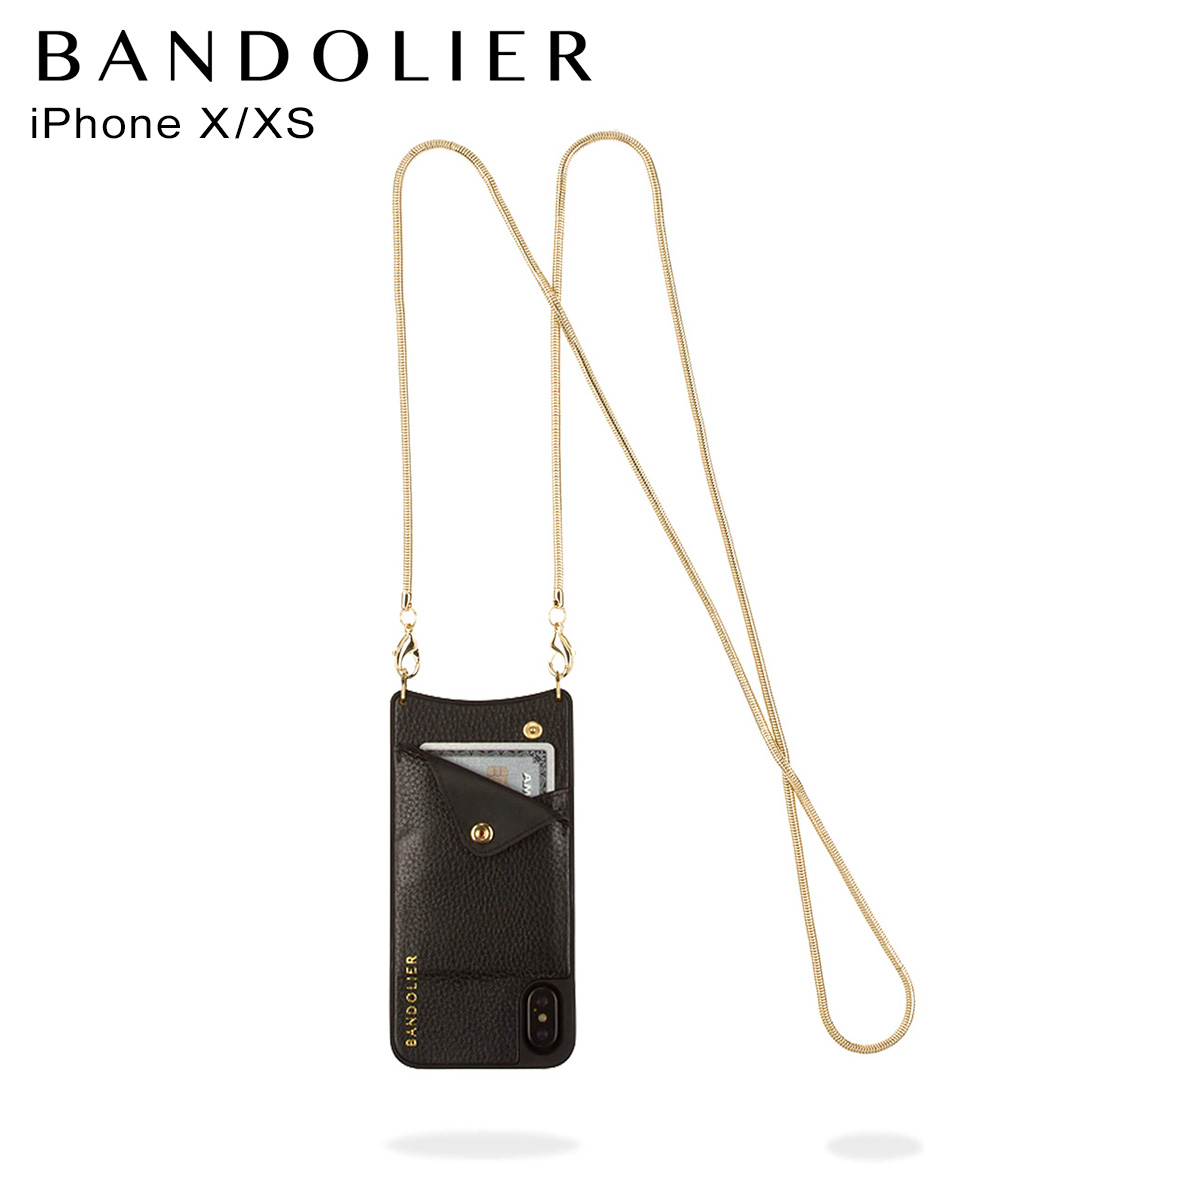 バンドリヤー BANDOLIER iPhone XS X ケース スマホ 携帯 アイフォン ショルダー BELINDA GOLD メンズ レディース ブラック 黒 2002